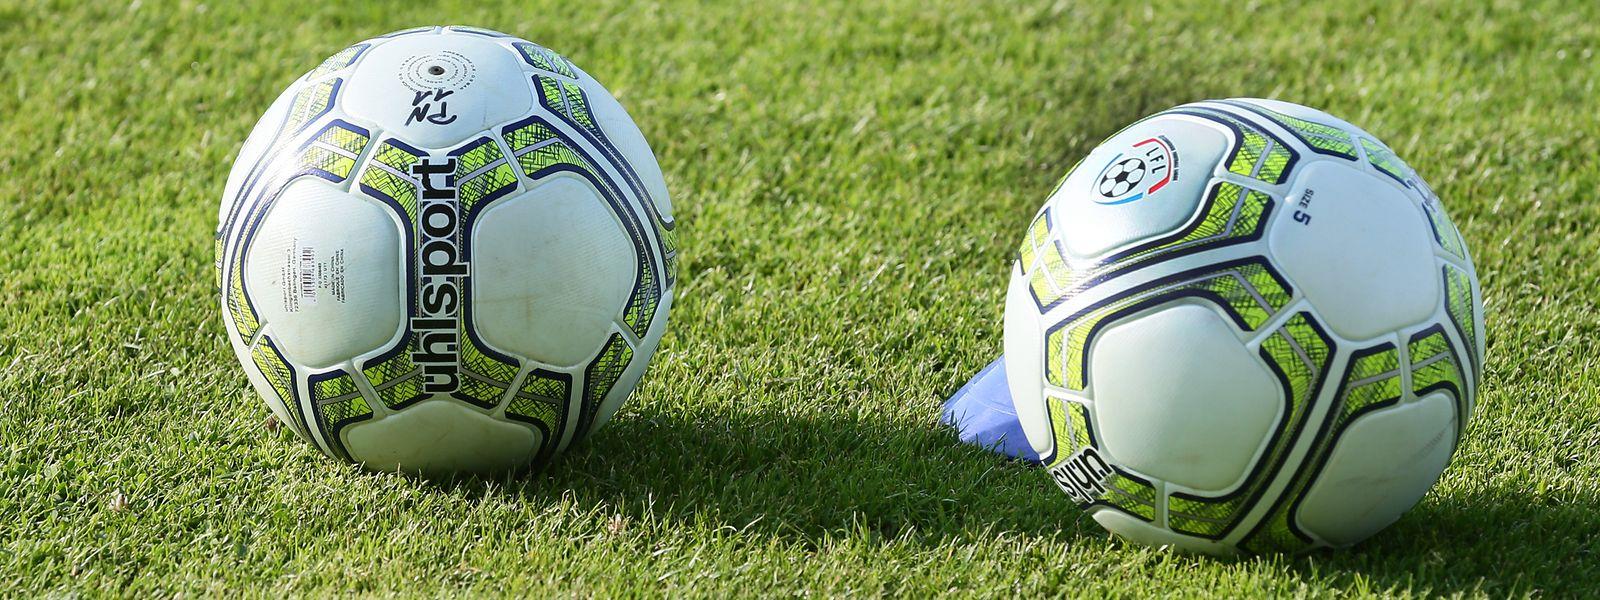 Der Ball könnte bald wieder ruhen in der BGL Ligue.